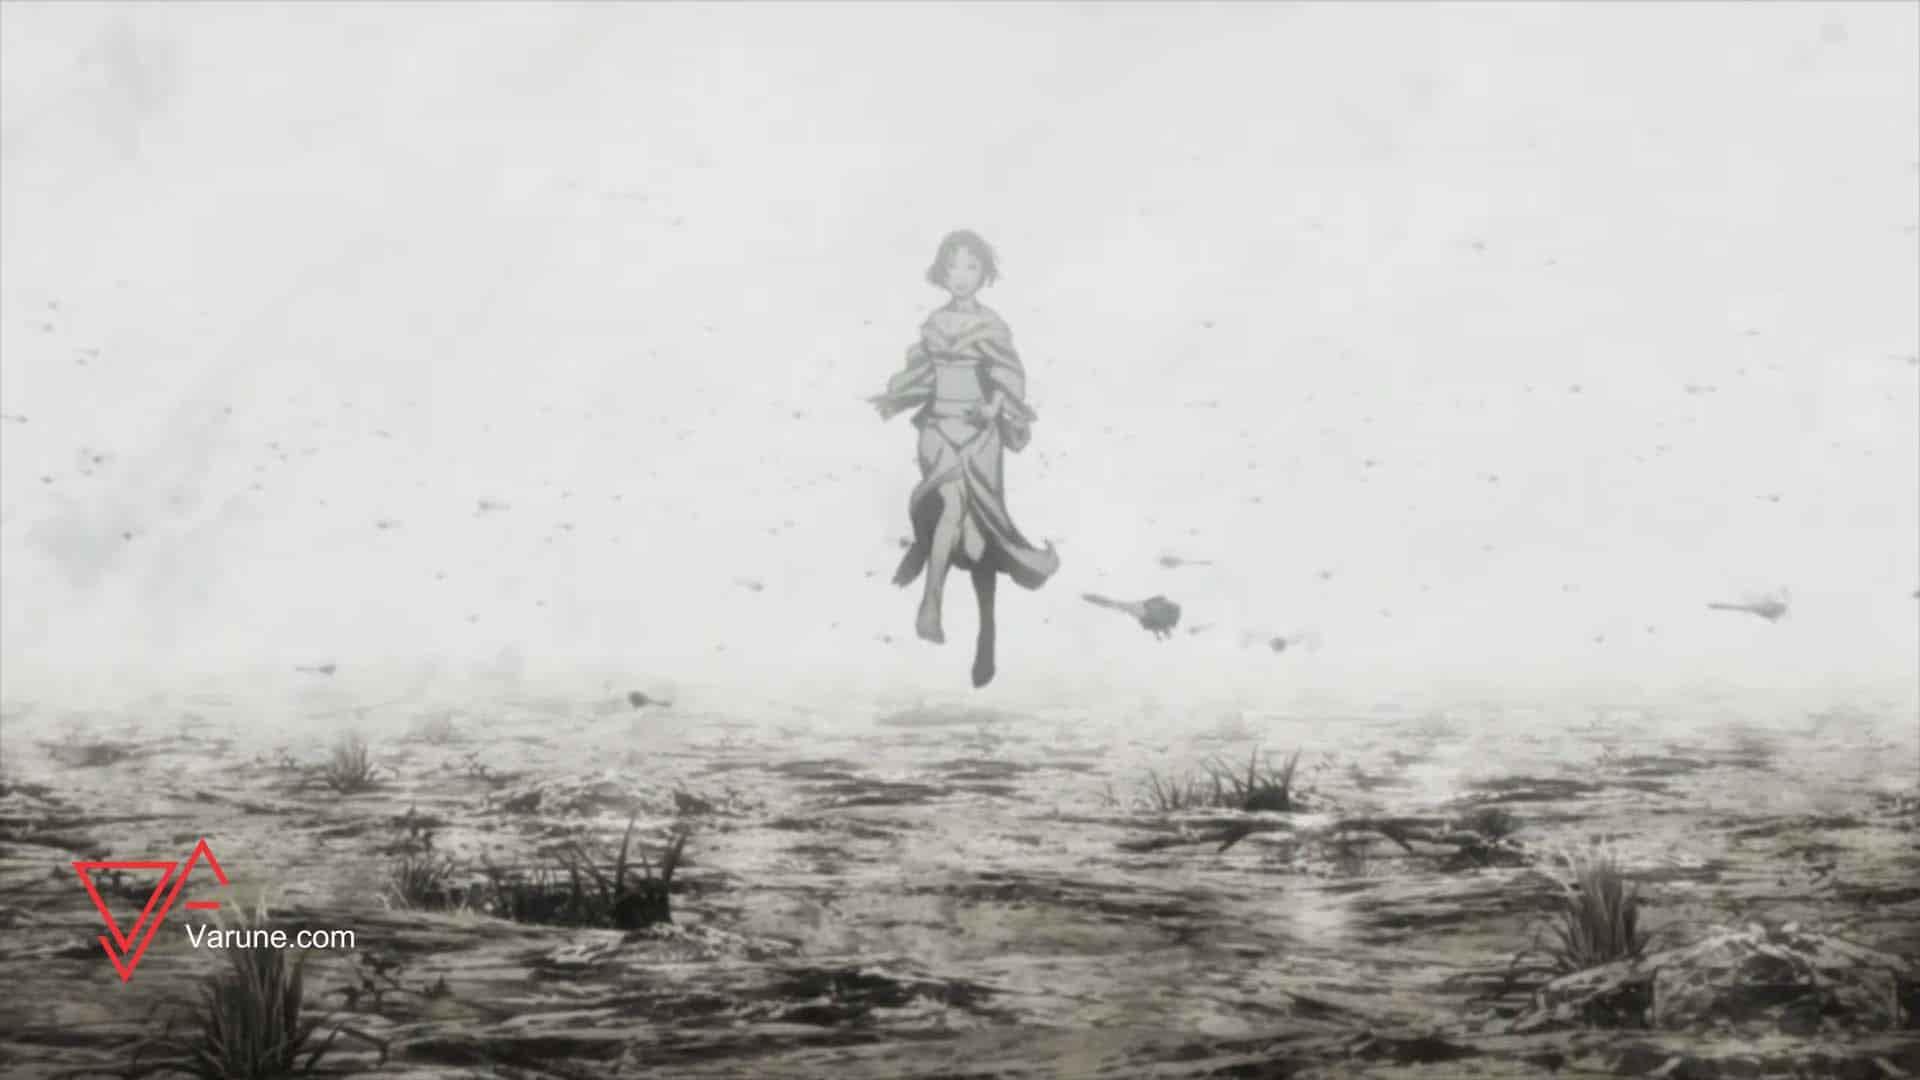 بررسی قسمت اول و دوم انیمه Blade of the Immortal ؛ کشتاری خونین برای آمرزش !